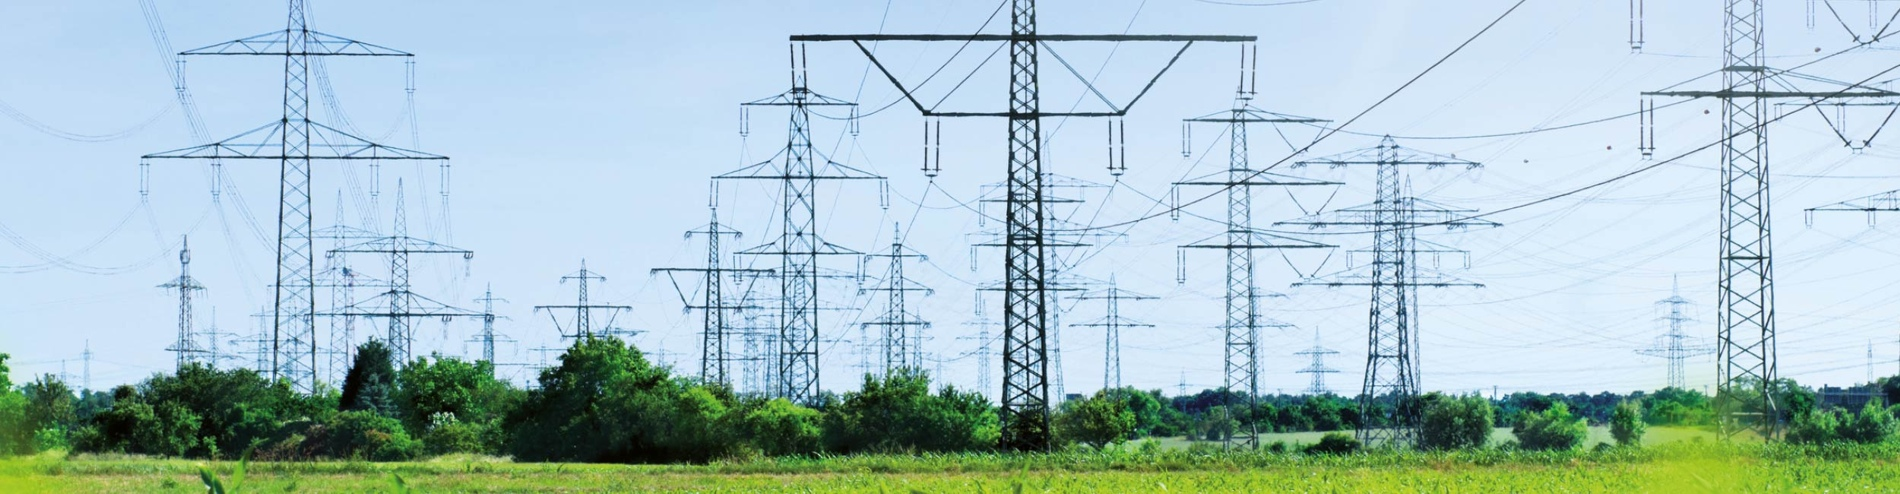 Strom-Header_Netzdaten